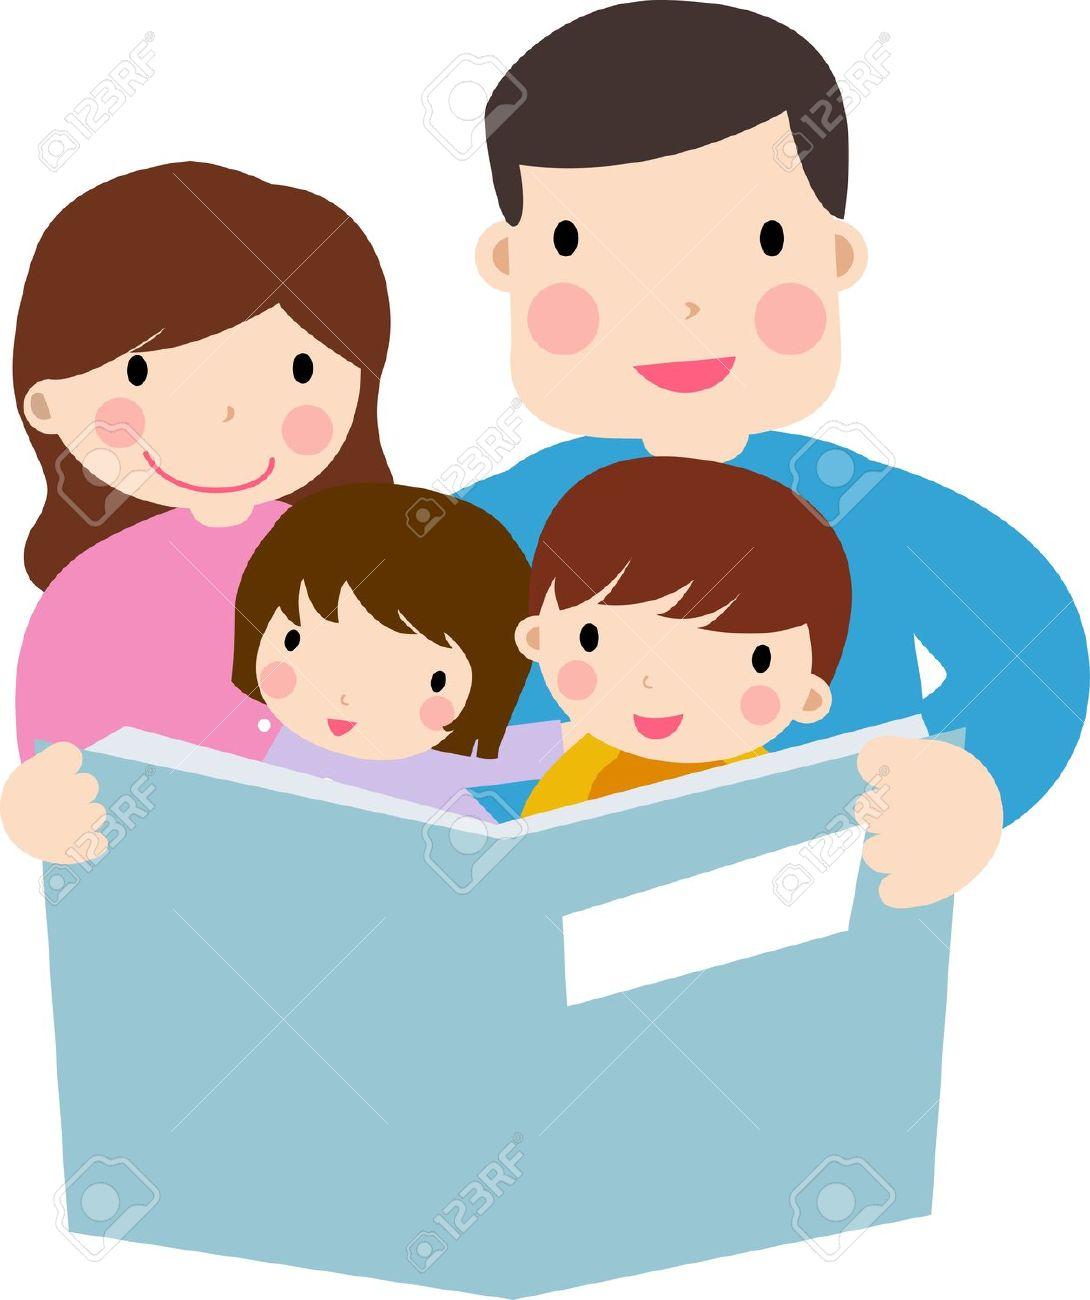 1090x1300 Parents Clip Art Many Interesting Cliparts